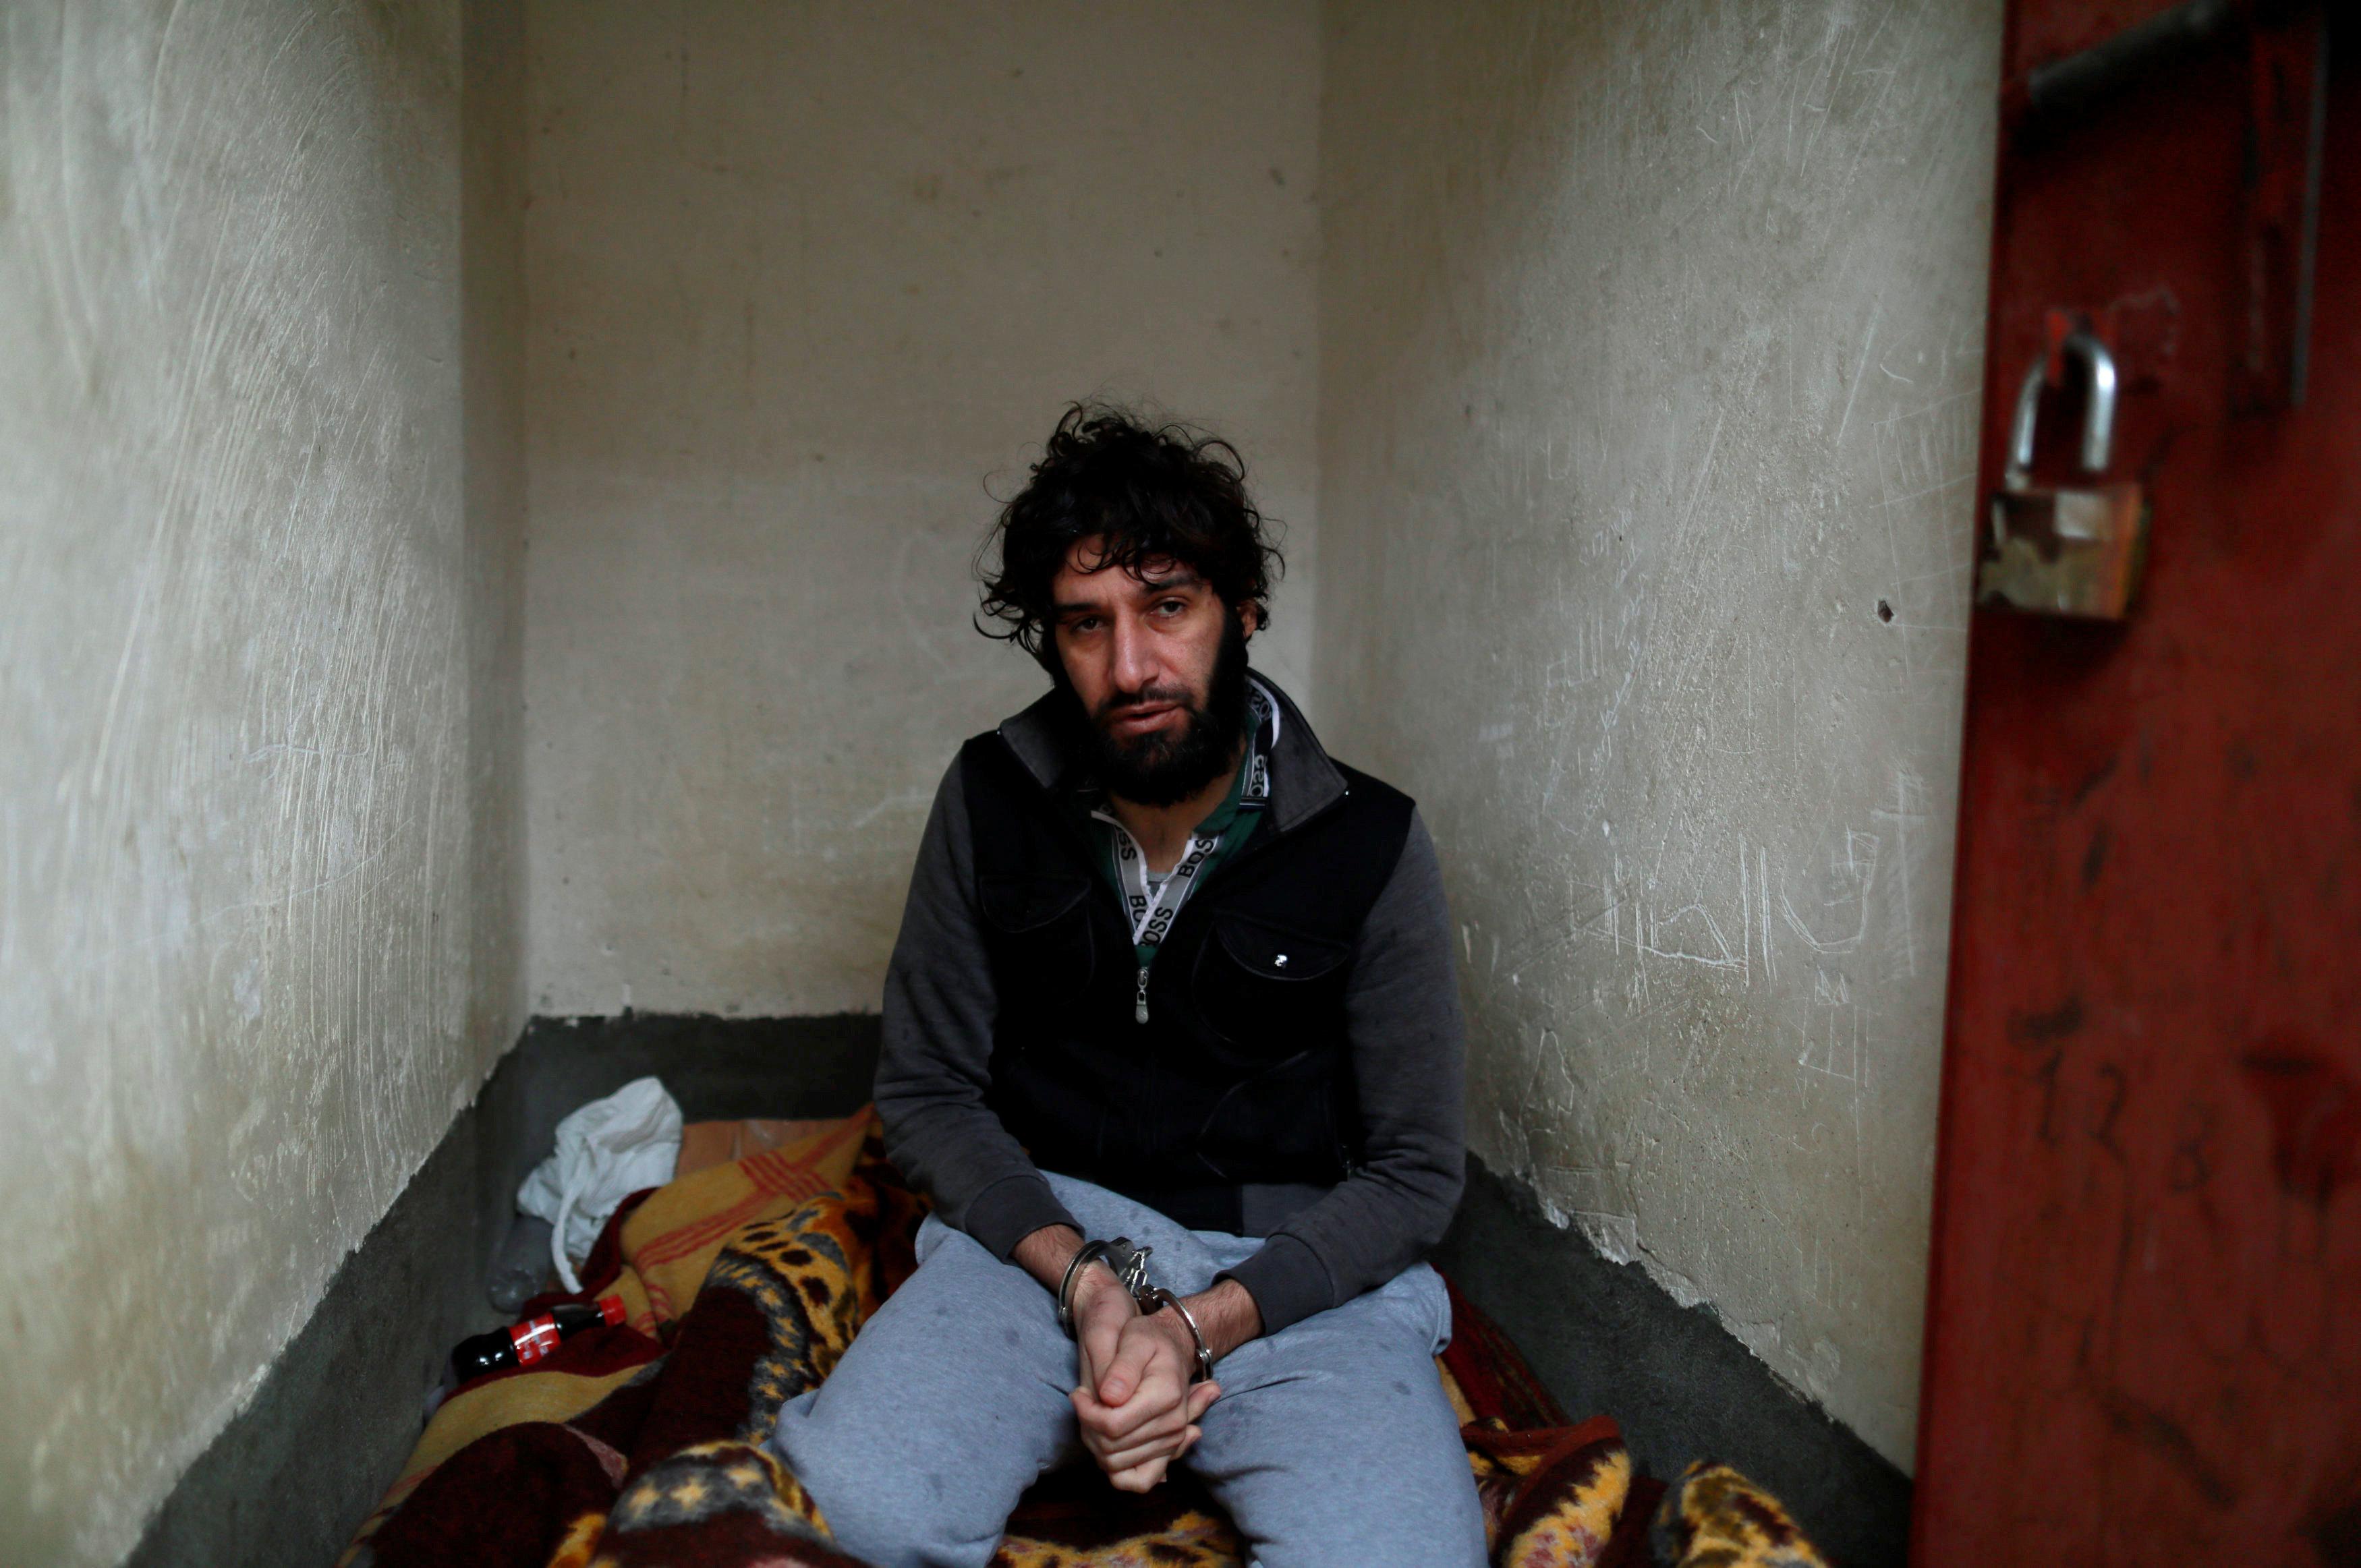 دواعش في سجون العراق (4)